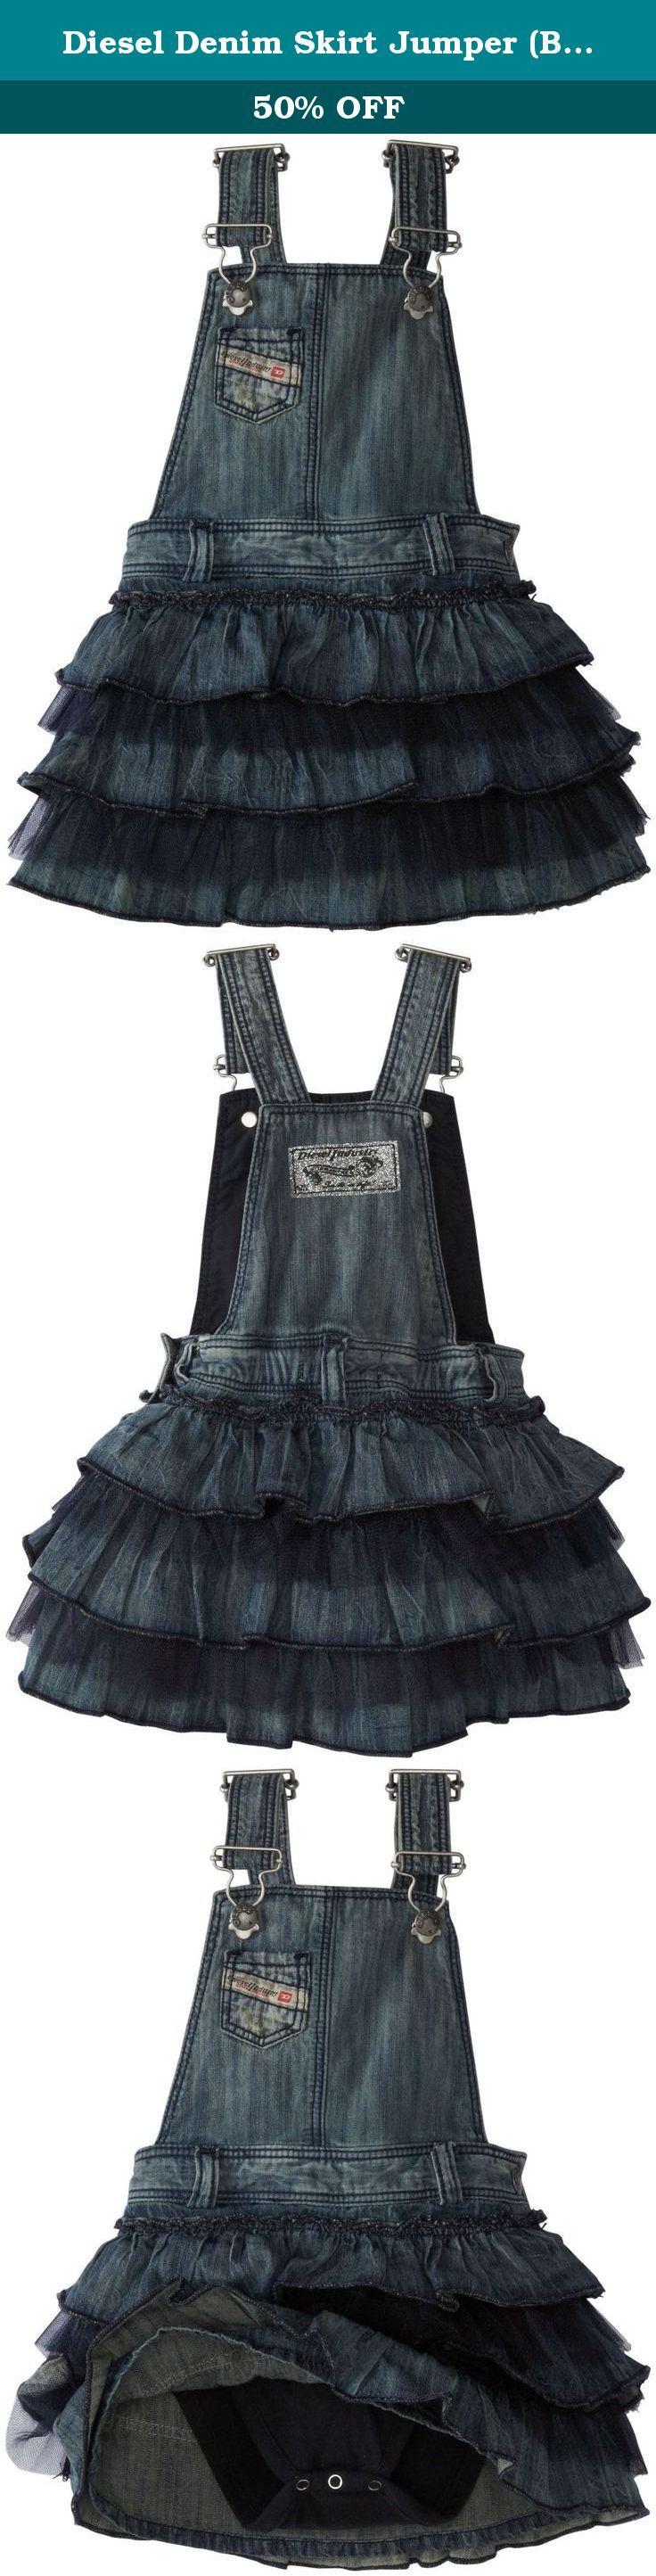 Diesel Denim Skirt Jumper (Baby/Toddler) - Indigo-6 Months. Diesel Denim Skirt Jumper (Baby) - Indigo.